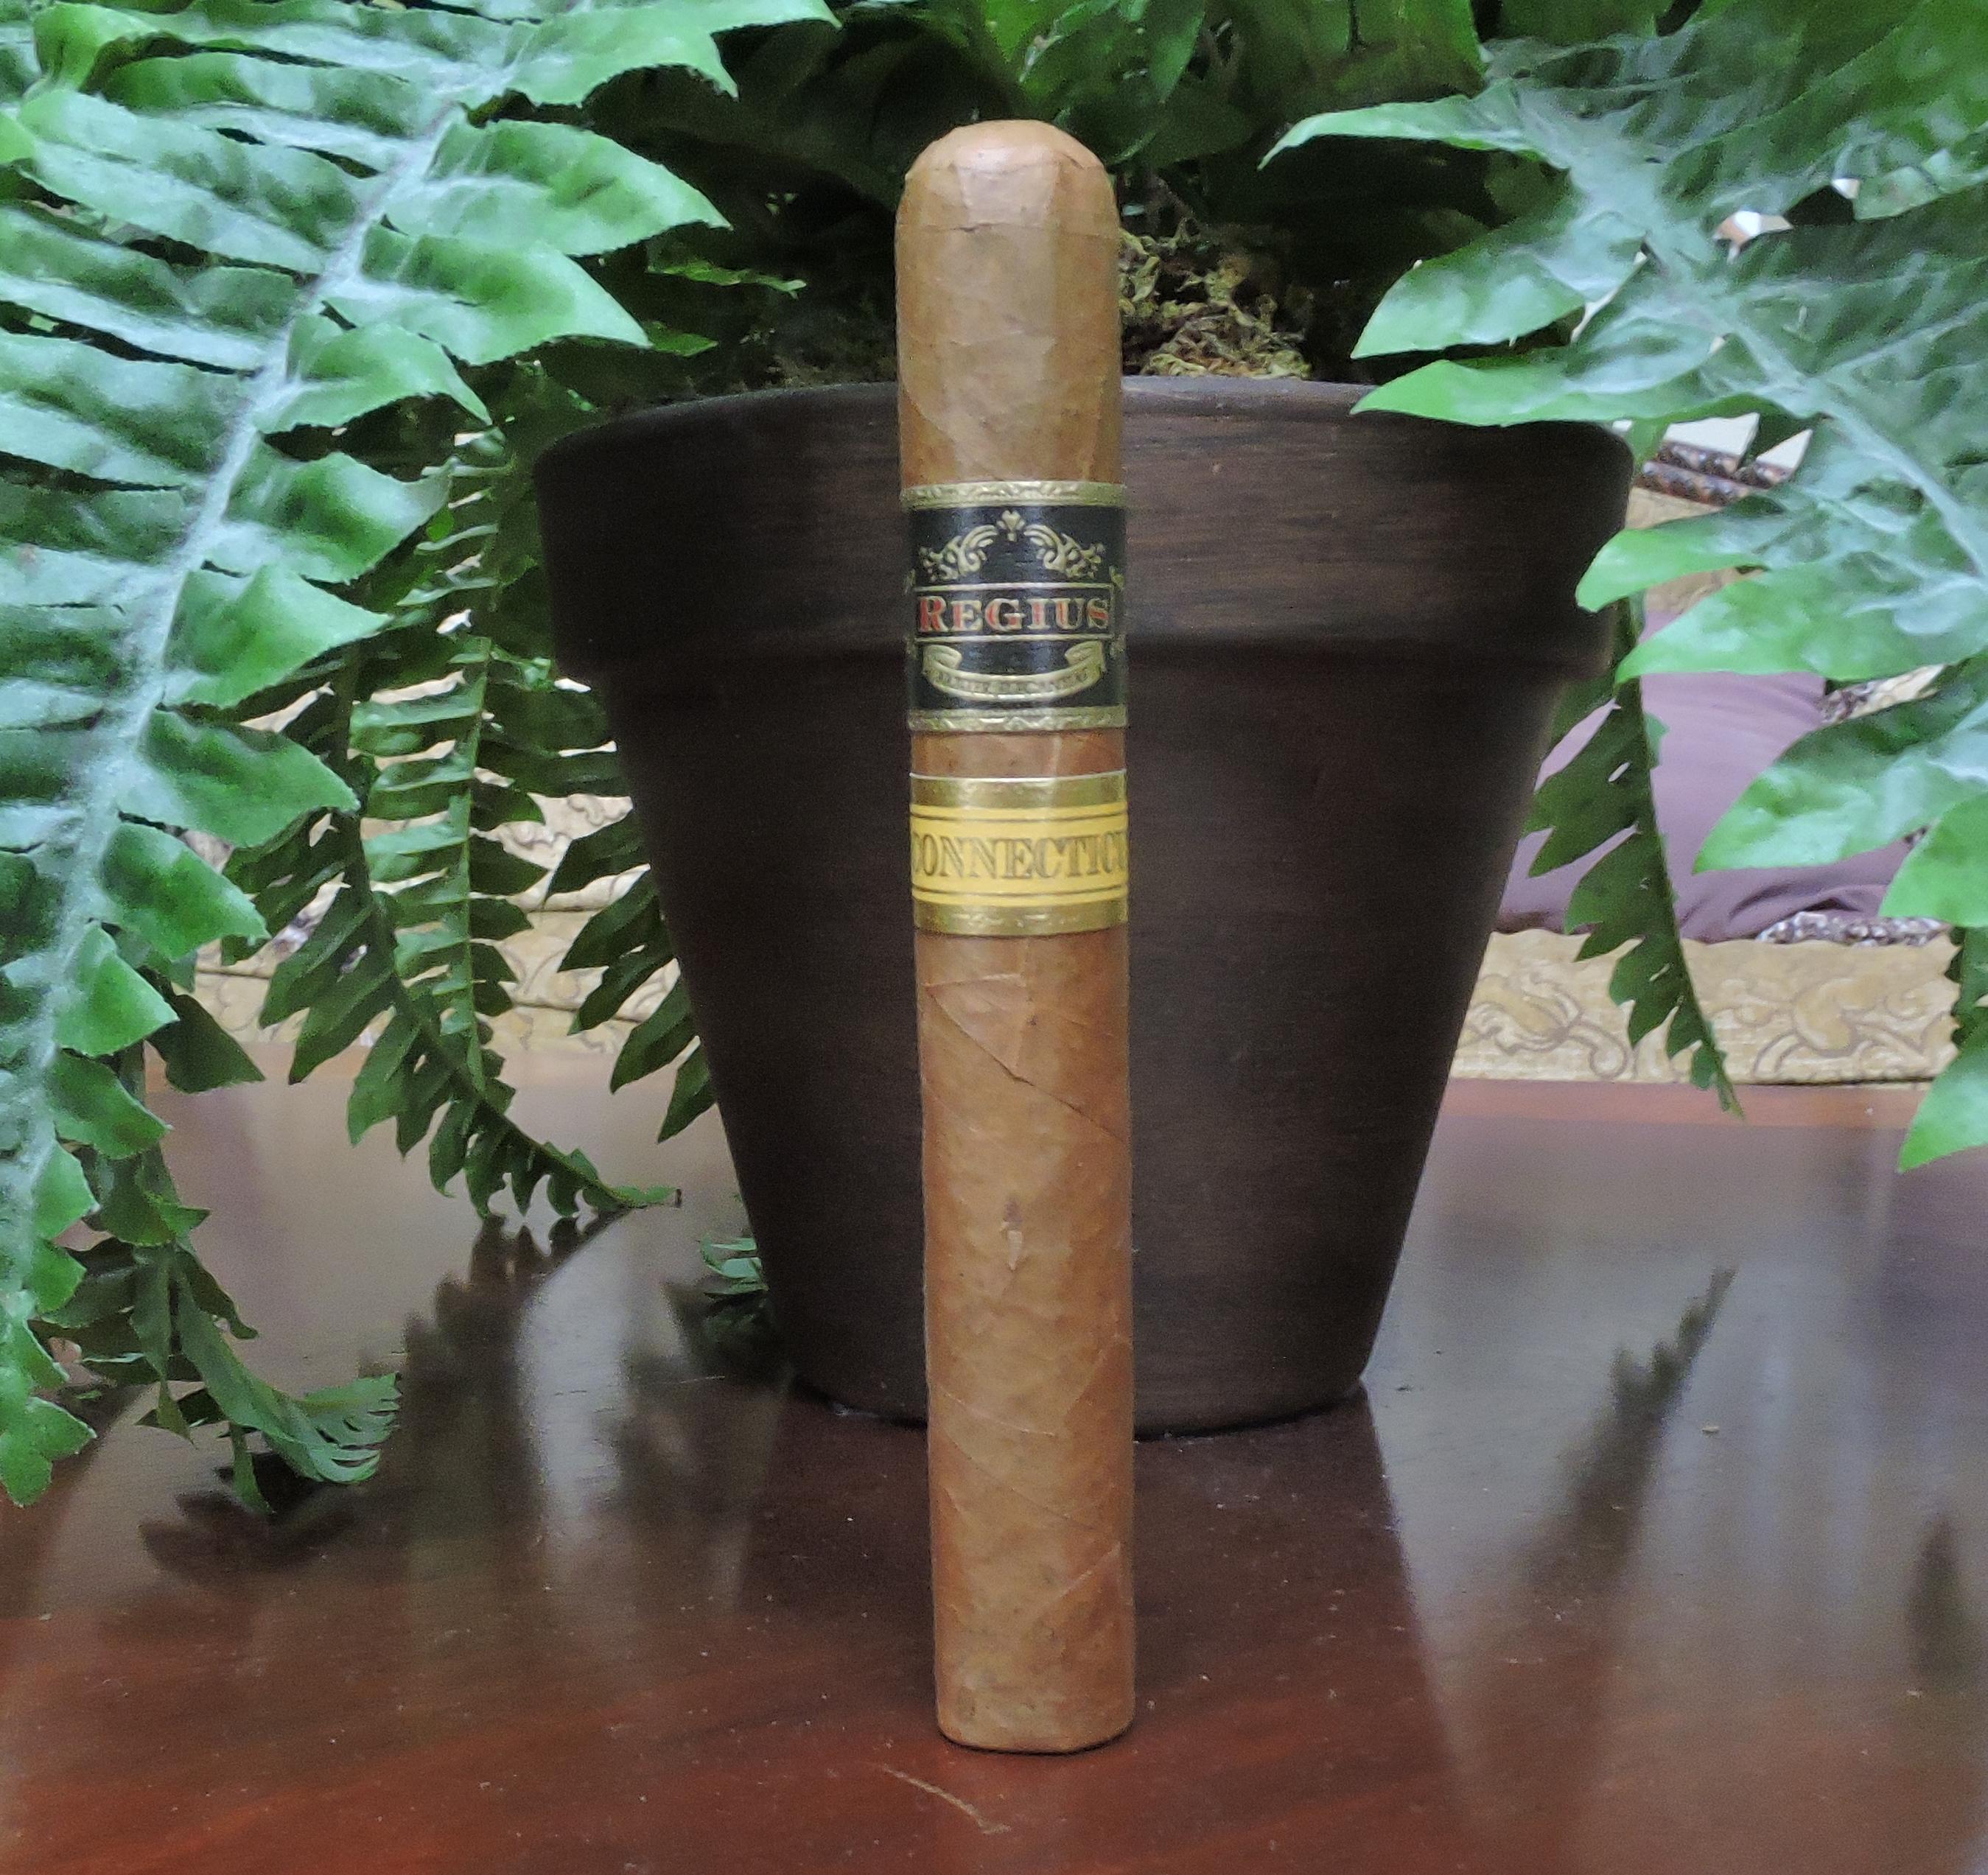 Cigar News: Regius Connecticut Showcased at 2017 IPCPR